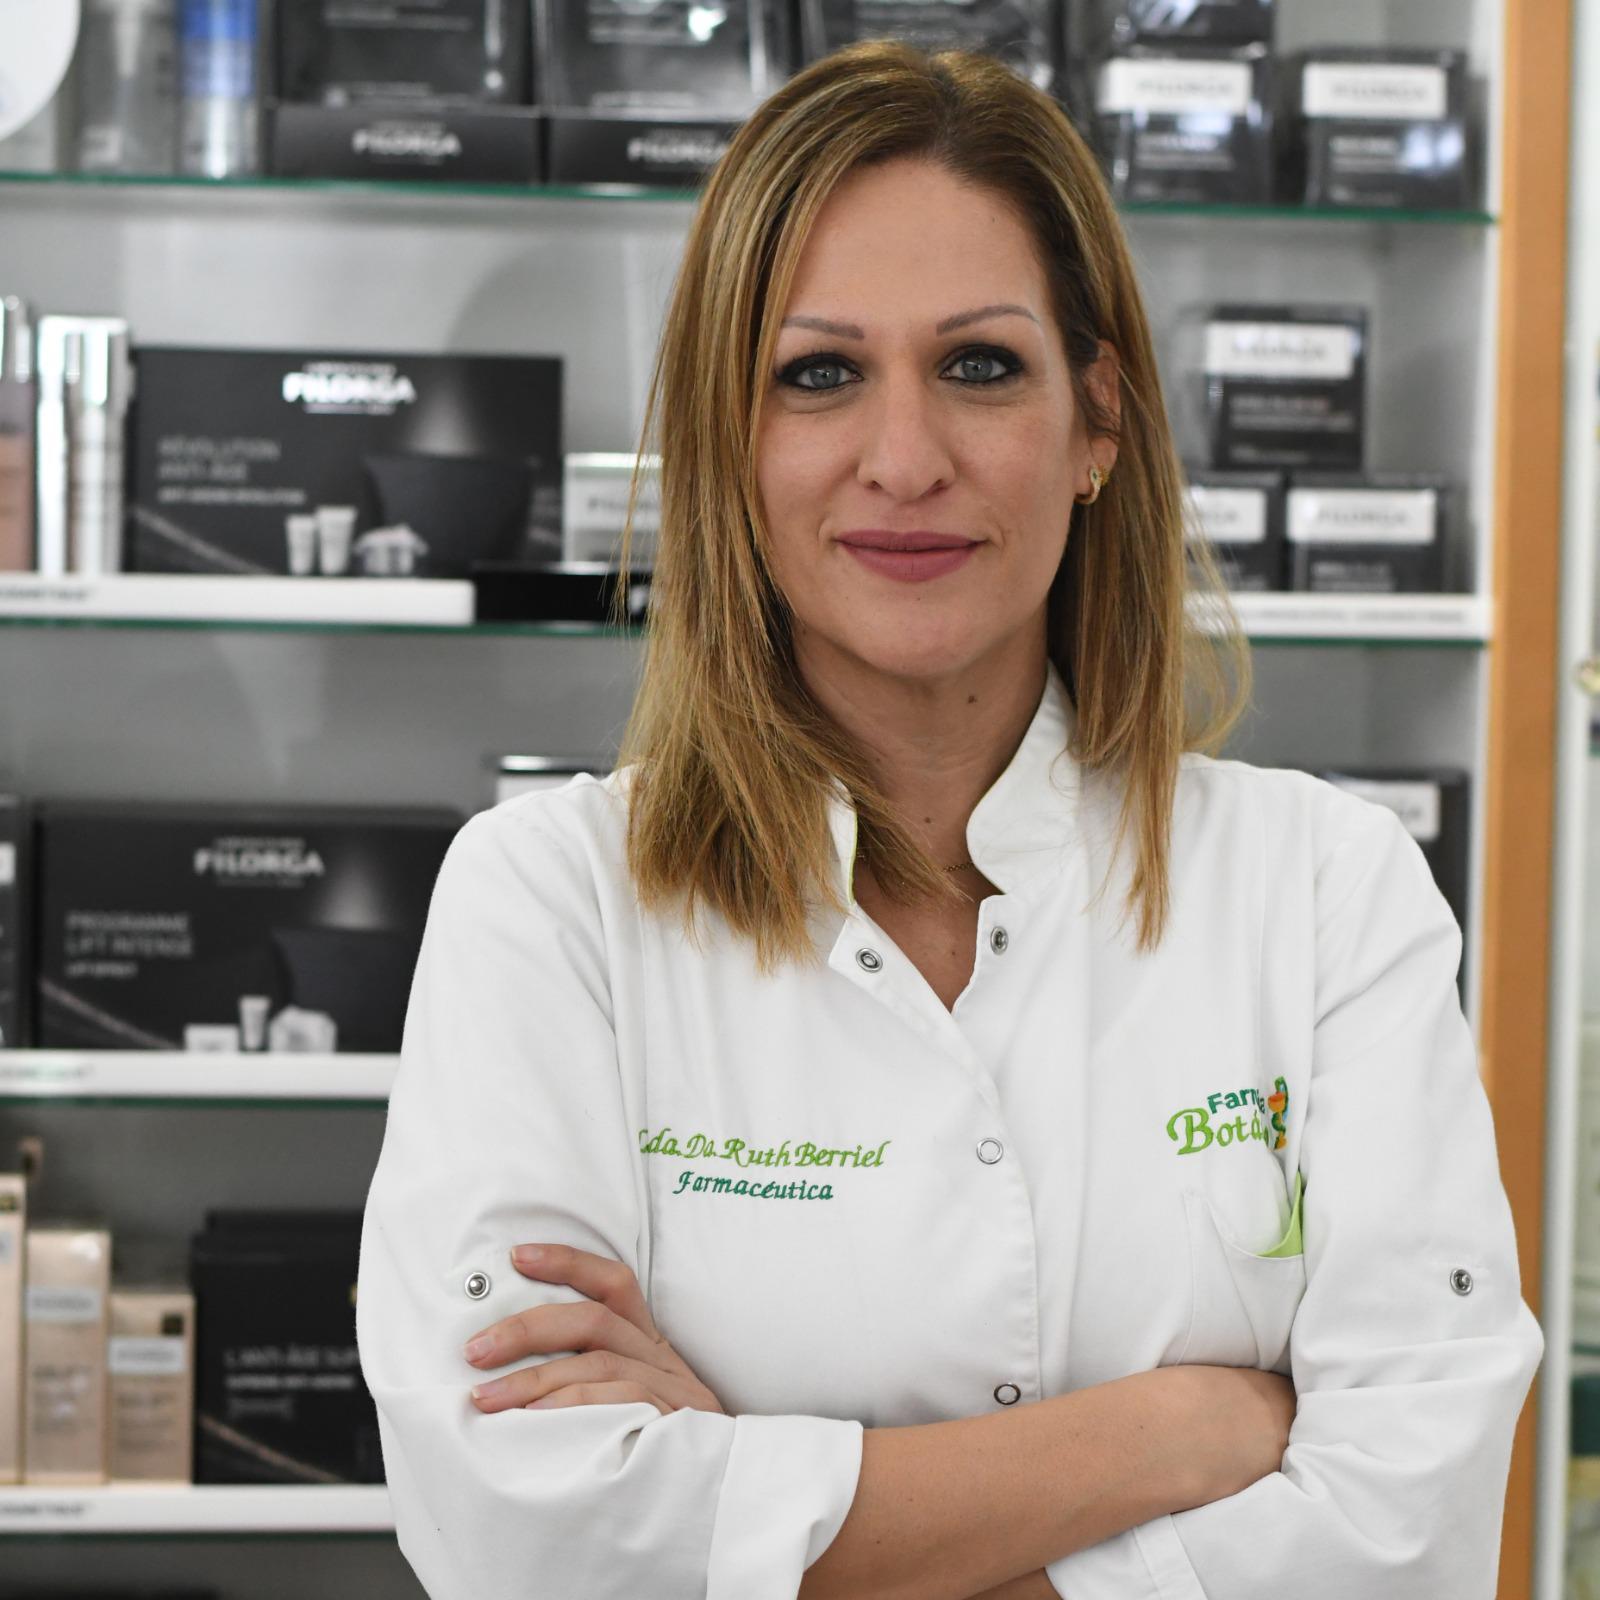 Ruth Berriel